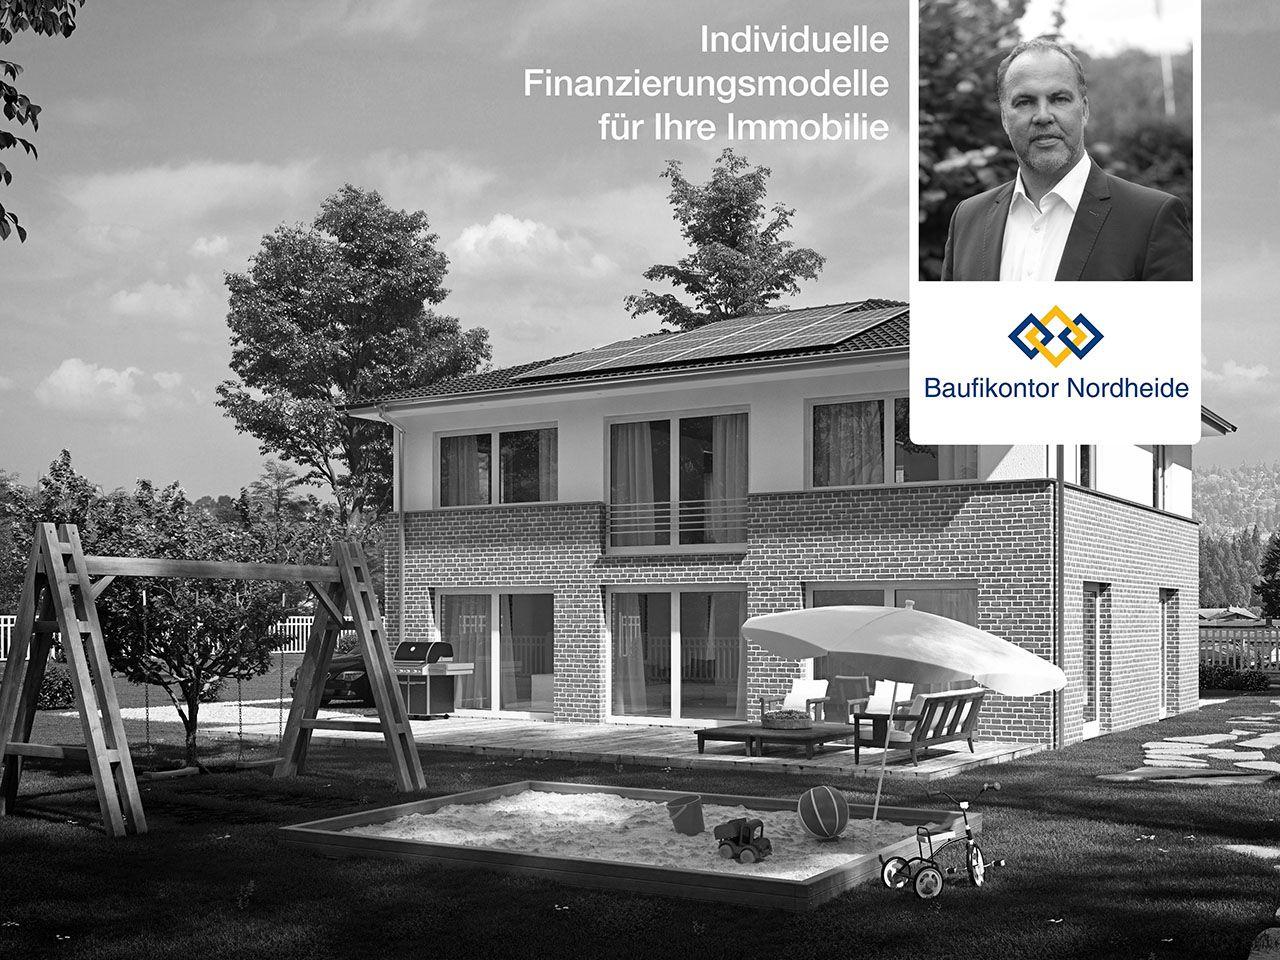 Baufinanzierung mit Baufikontor Nordheide